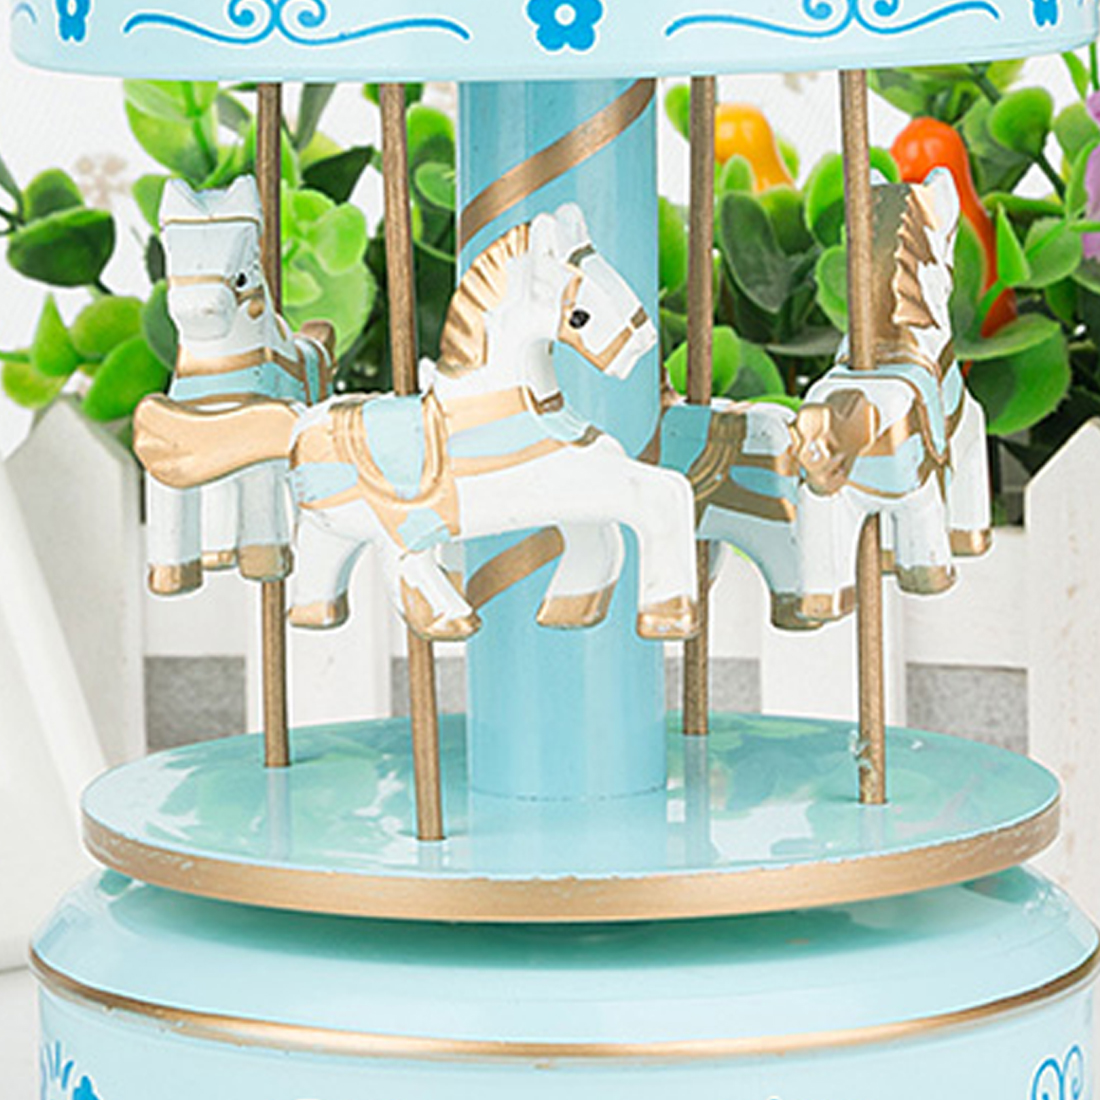 Карусель музыкальная карусель лошадь деревянная карусель музыкальная шкатулка игрушка ребенок игра Домашний Декор Рождество свадебный по...